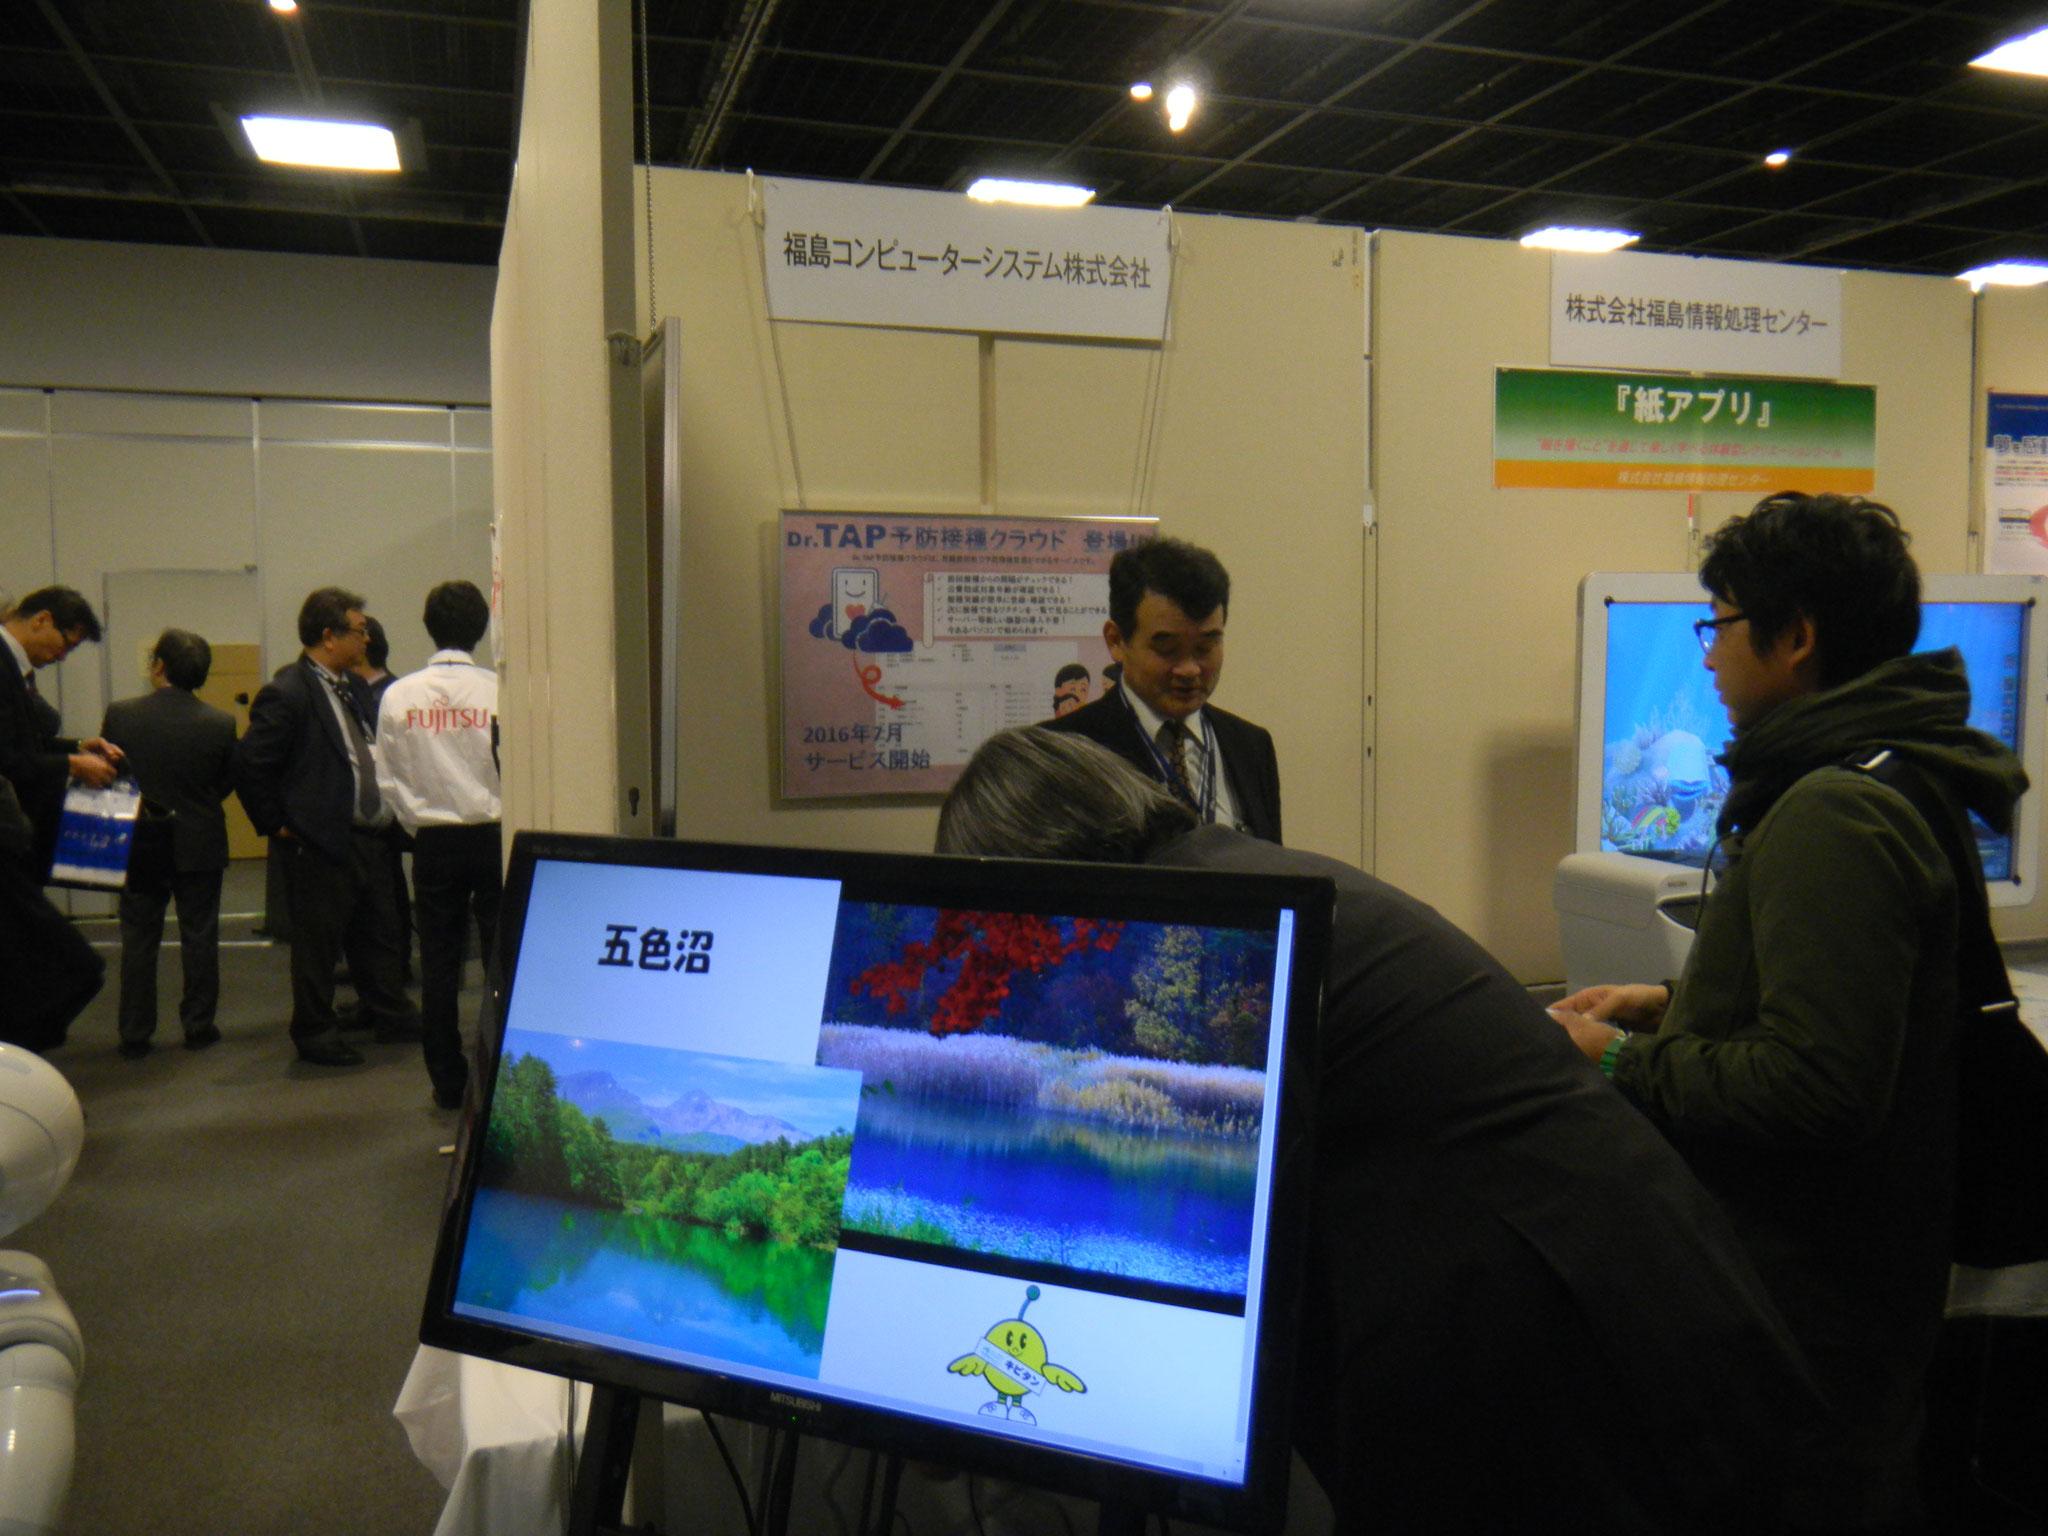 福島情報処理センター様、福島コンピューターシステム様